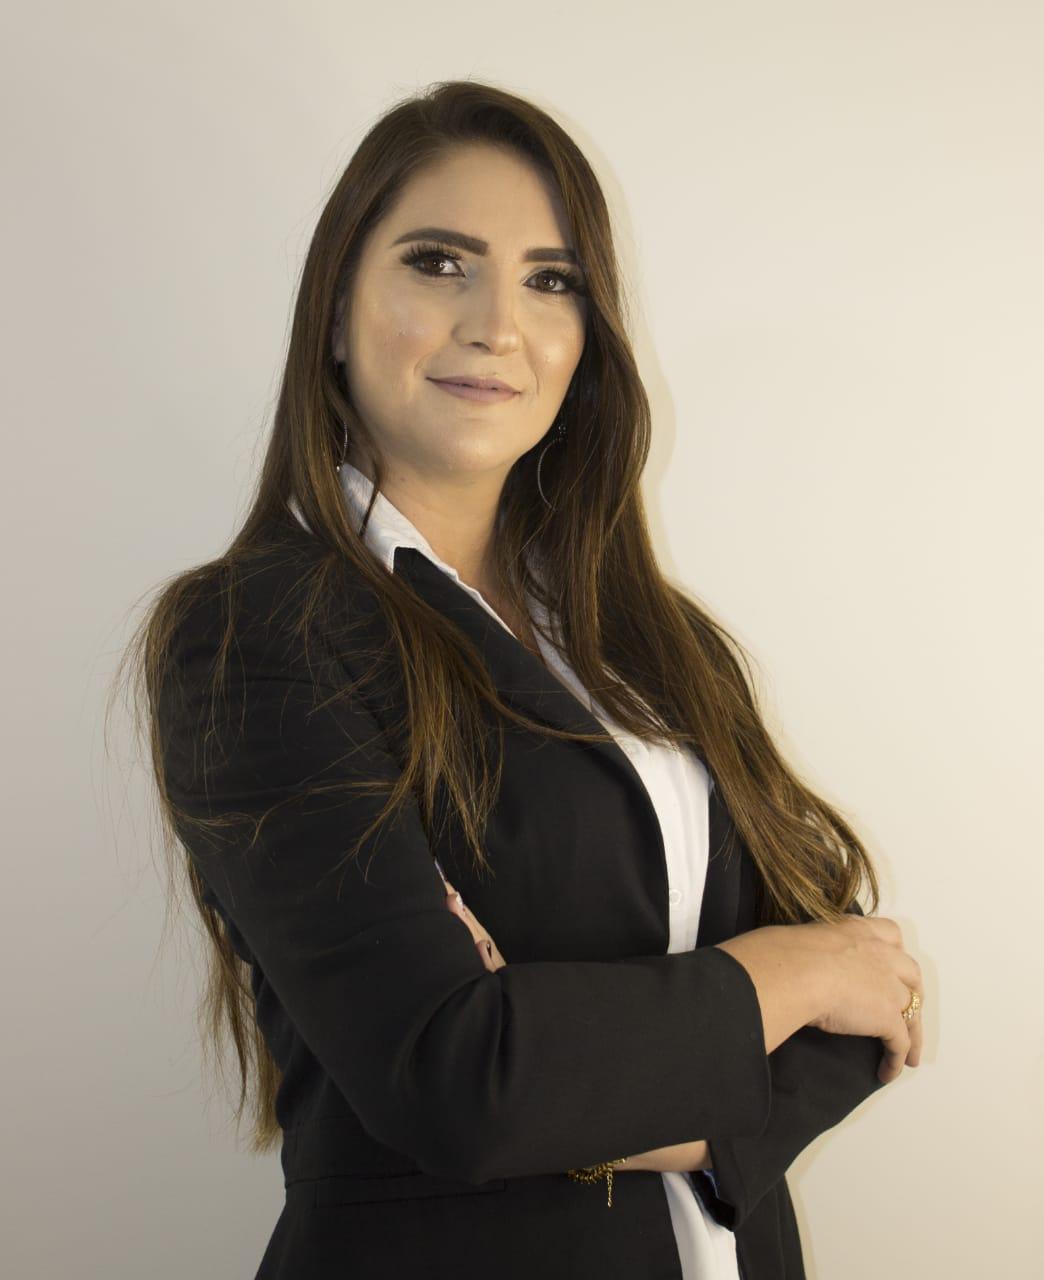 Psicologa Comportamental Cognitiva - Renata Cristina